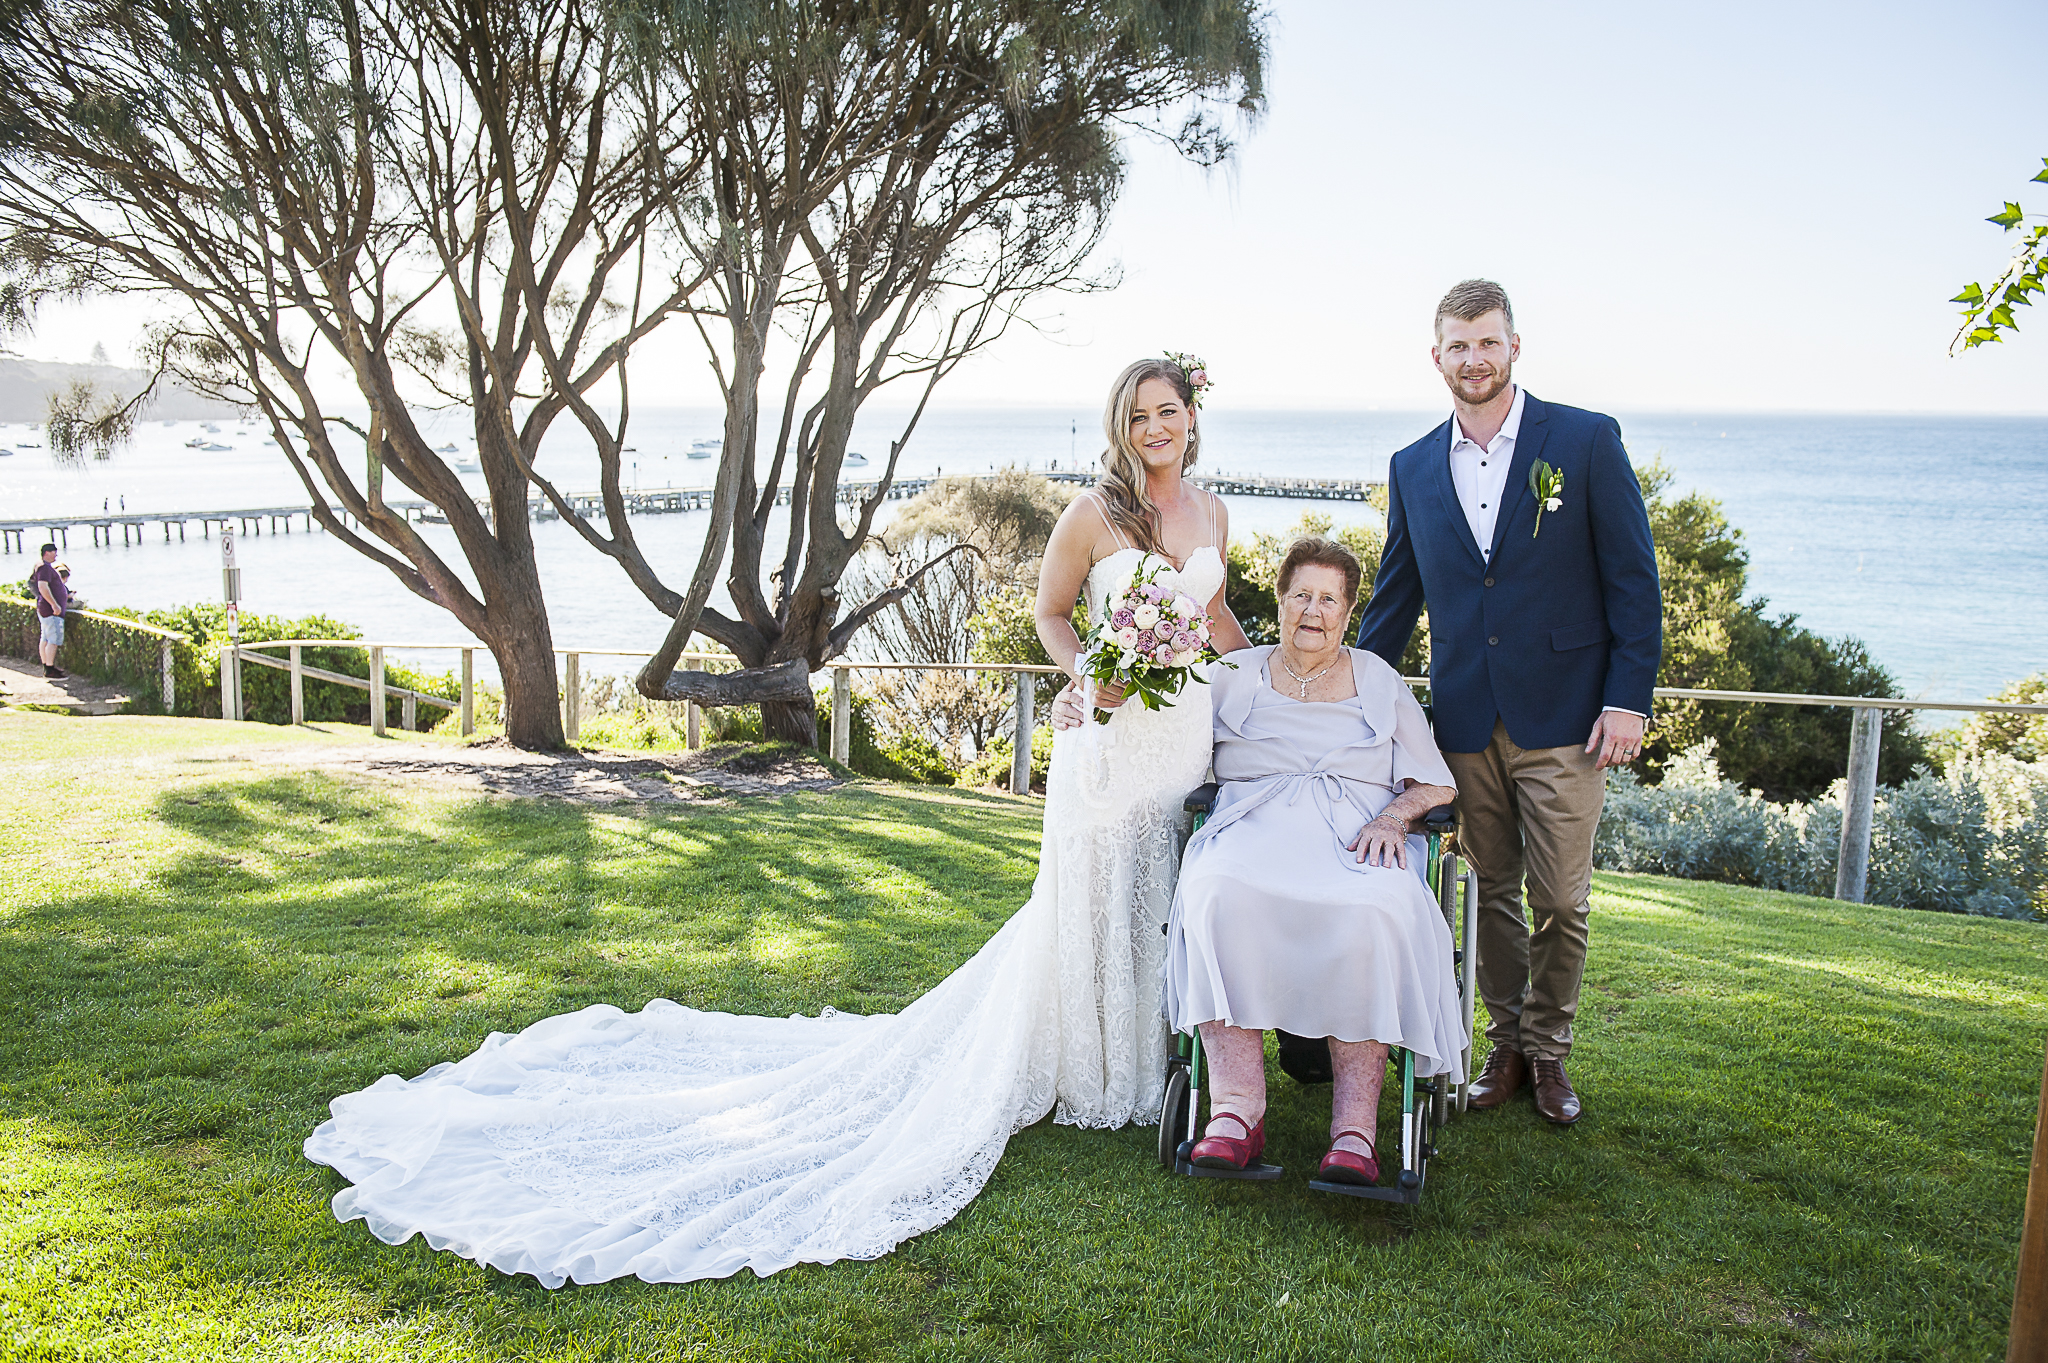 wedding flowers, vintage bride, Daylesford wedding, country wedding, vintage wedding, Bringlebit farm